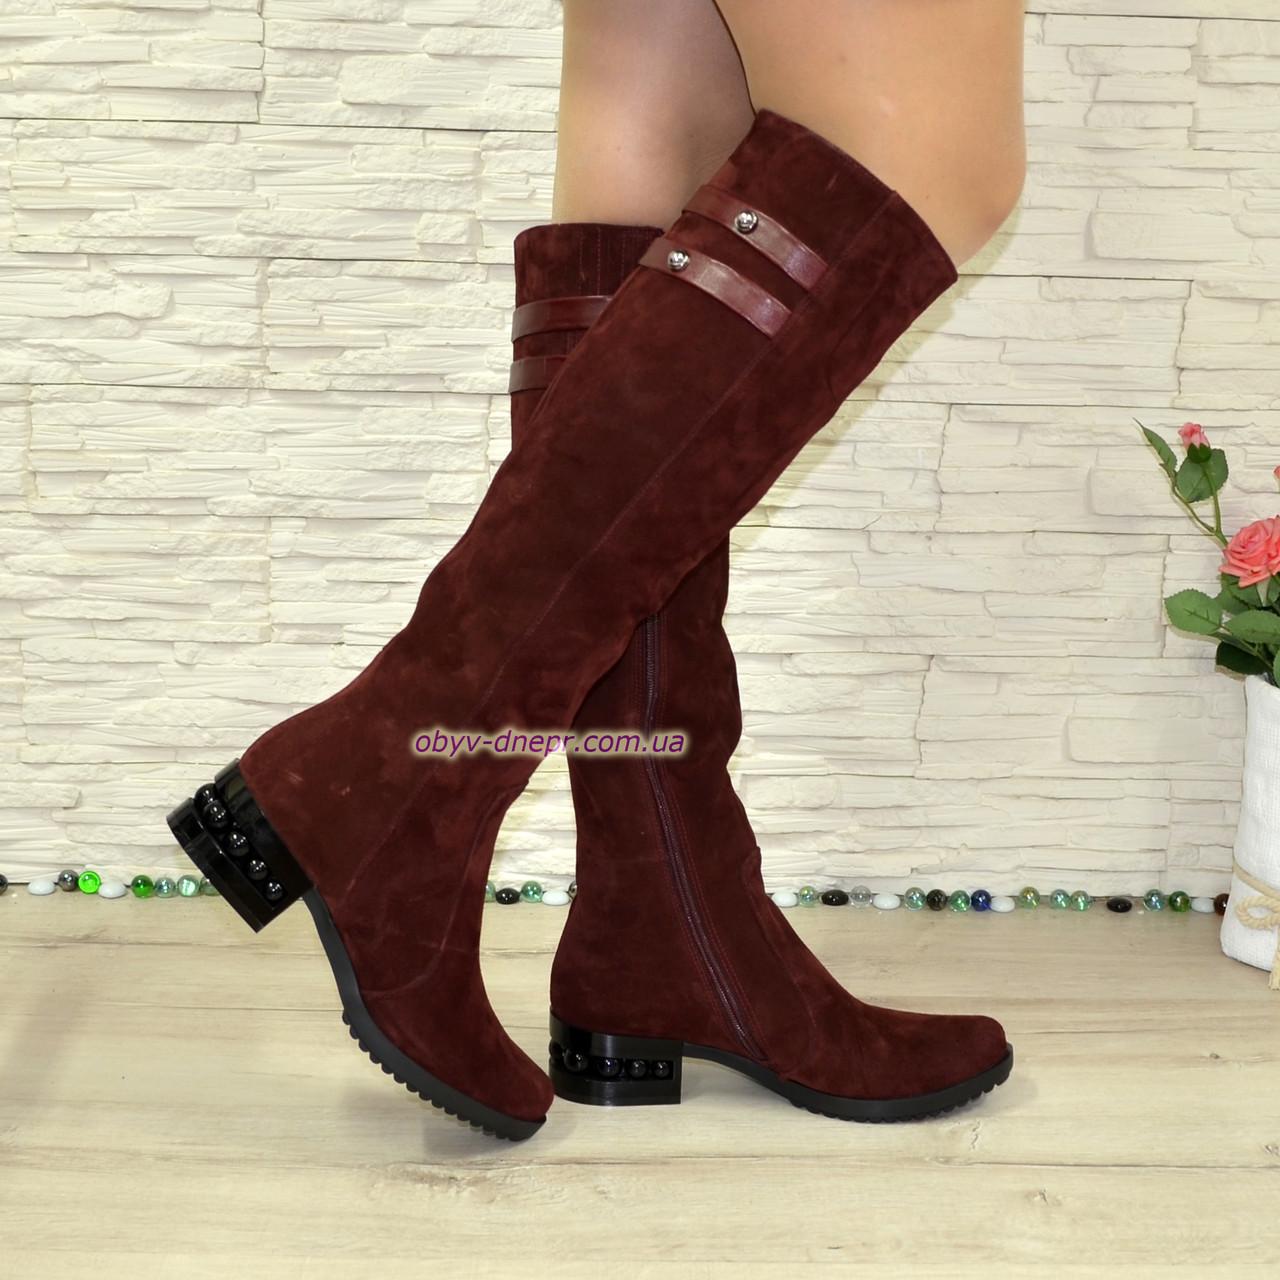 Ботфорты женские замшевые демисезонные на невысоком декорированном каблуке